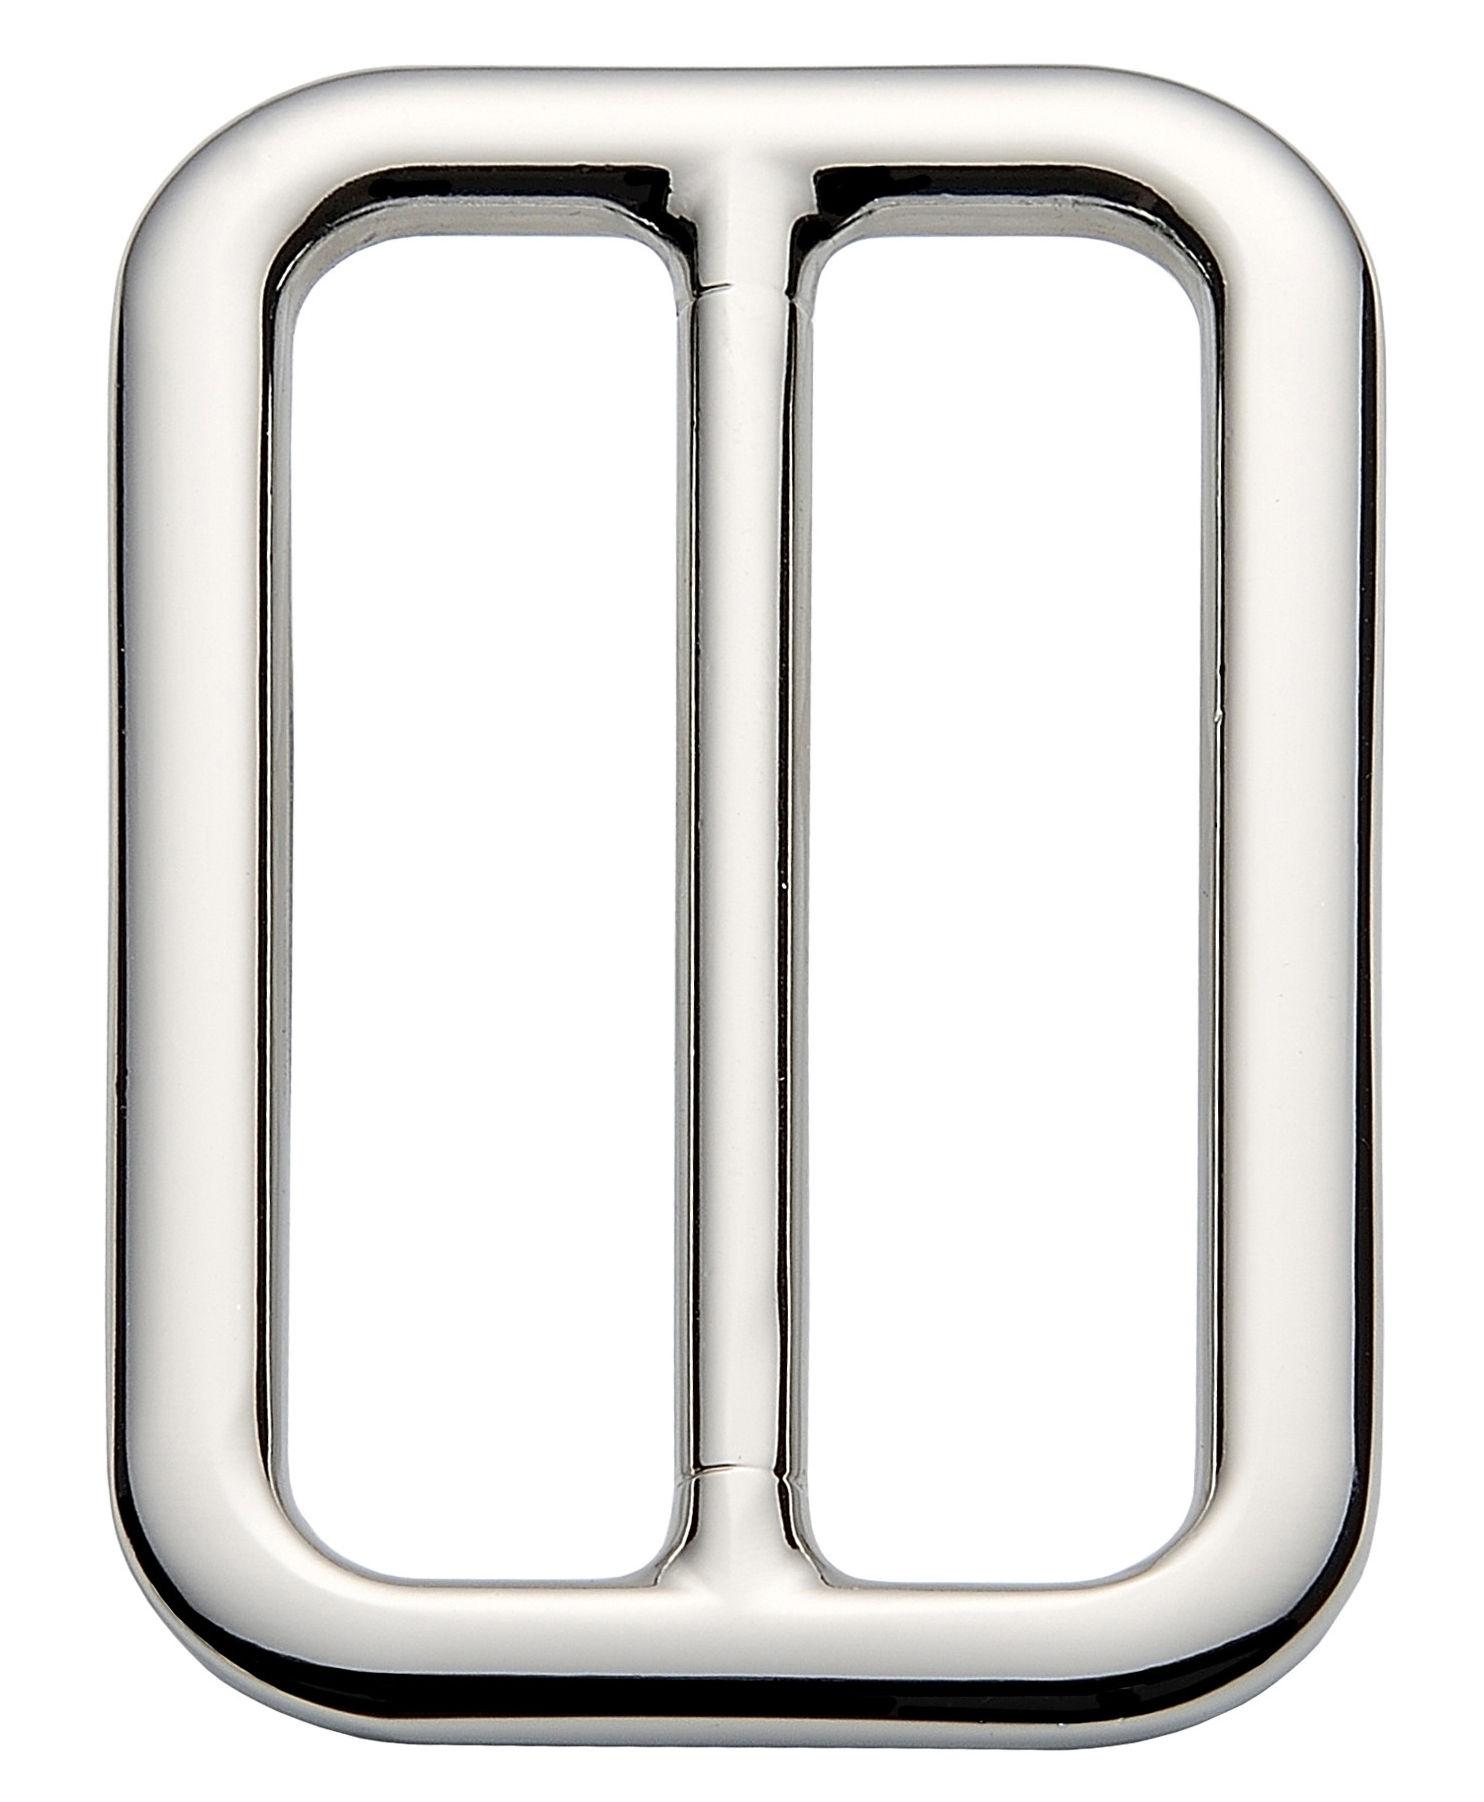 Accessoires - Accessoires salle de bains - Presse-tube Buckle - Alessi - Acier - Acier inoxydable